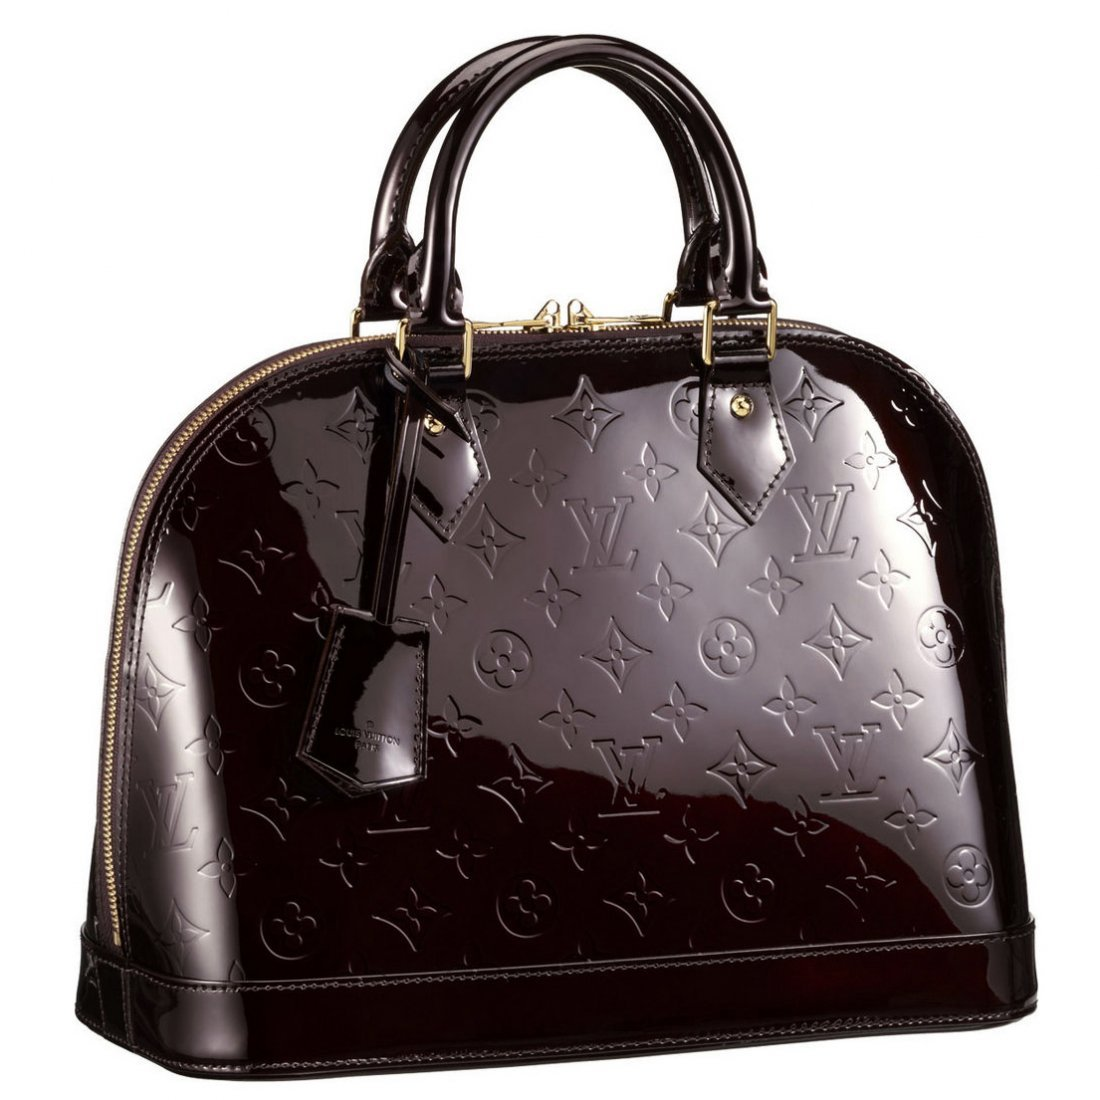 Louis Vuitton Alma PM Handbag -P-